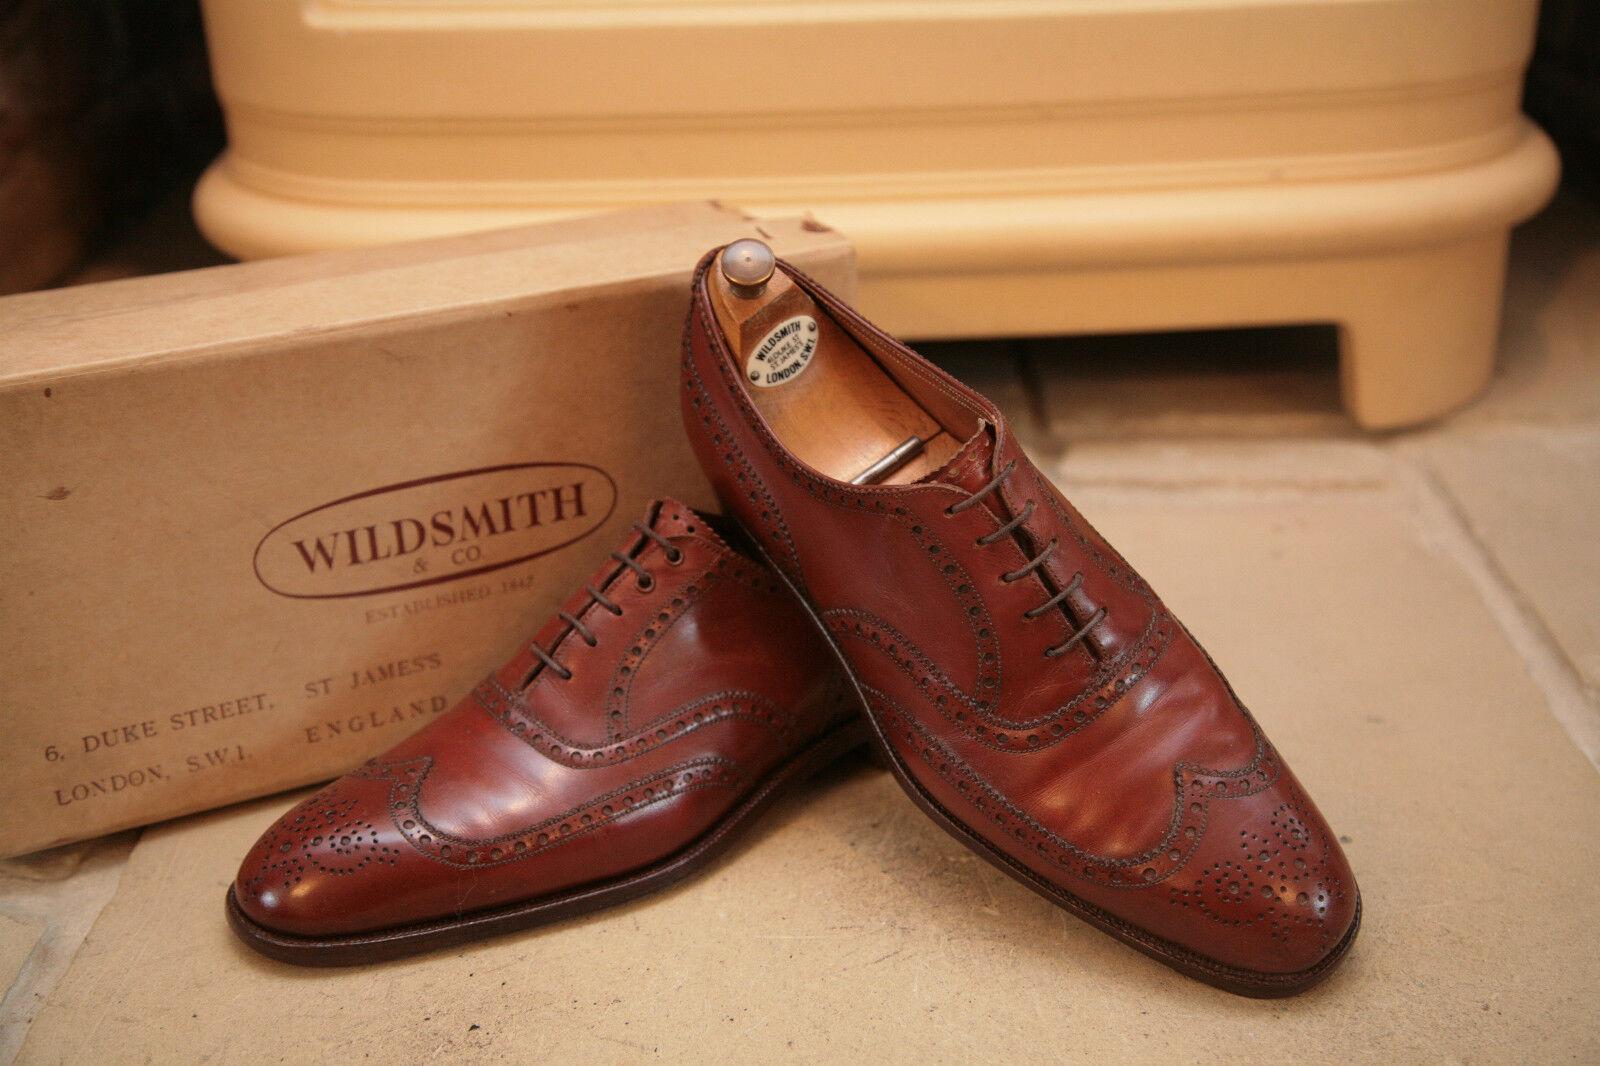 RARE Vintage Wildsmith Uomo Marrone Pelle Scarpe CALATA 8 stretto Scarpe classiche da uomo